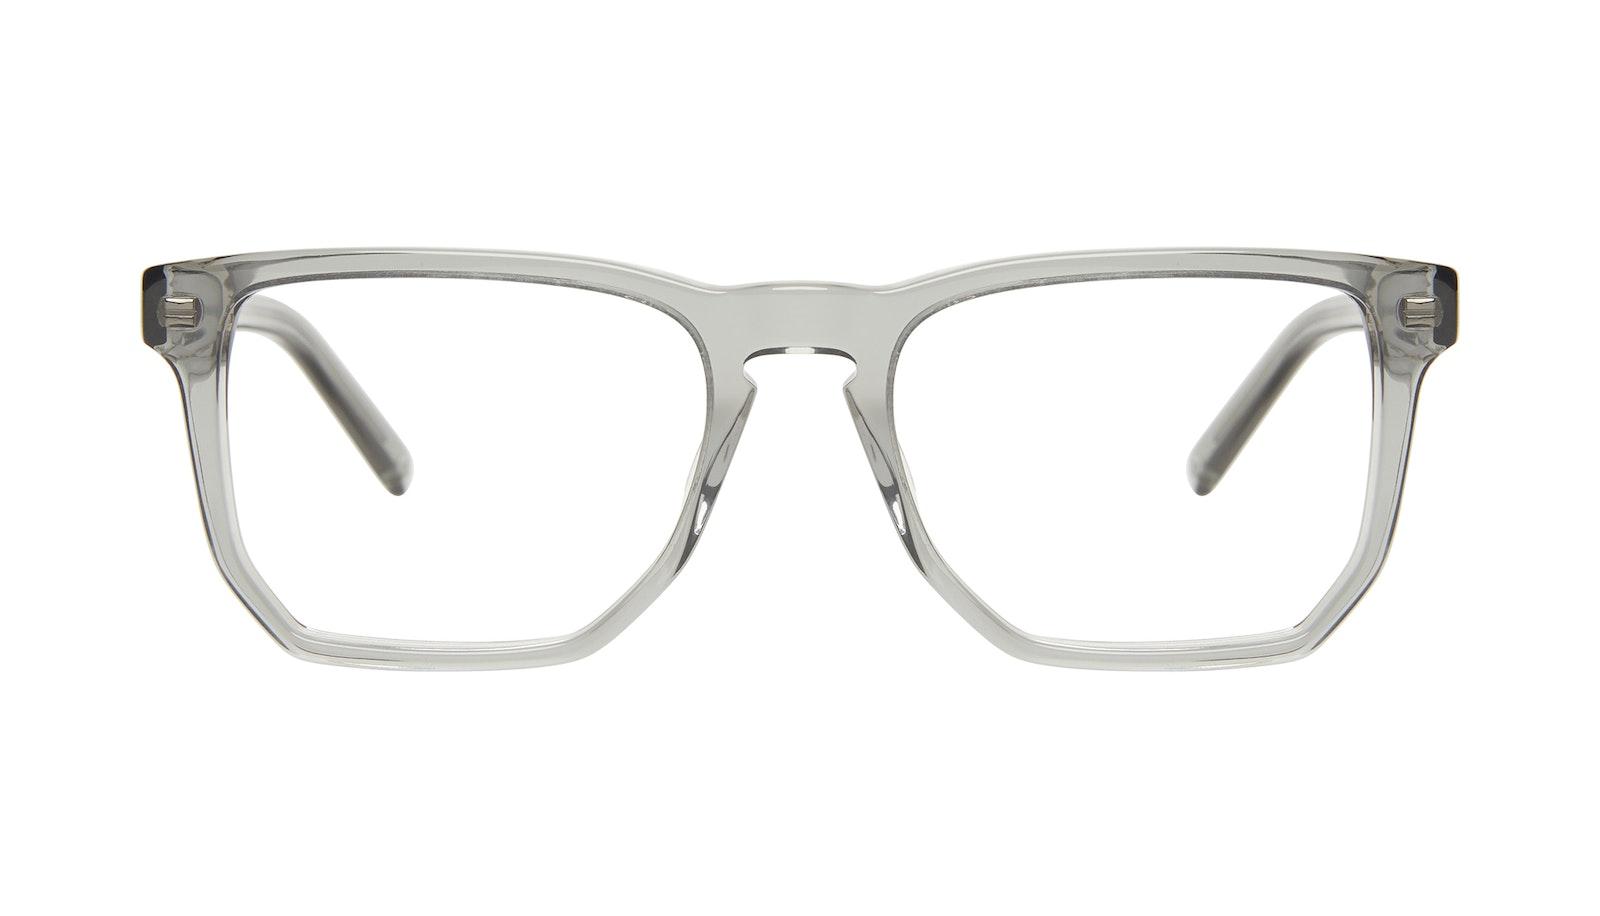 Lunettes tendance Carrée Lunettes de vue Hommes Andy Storm